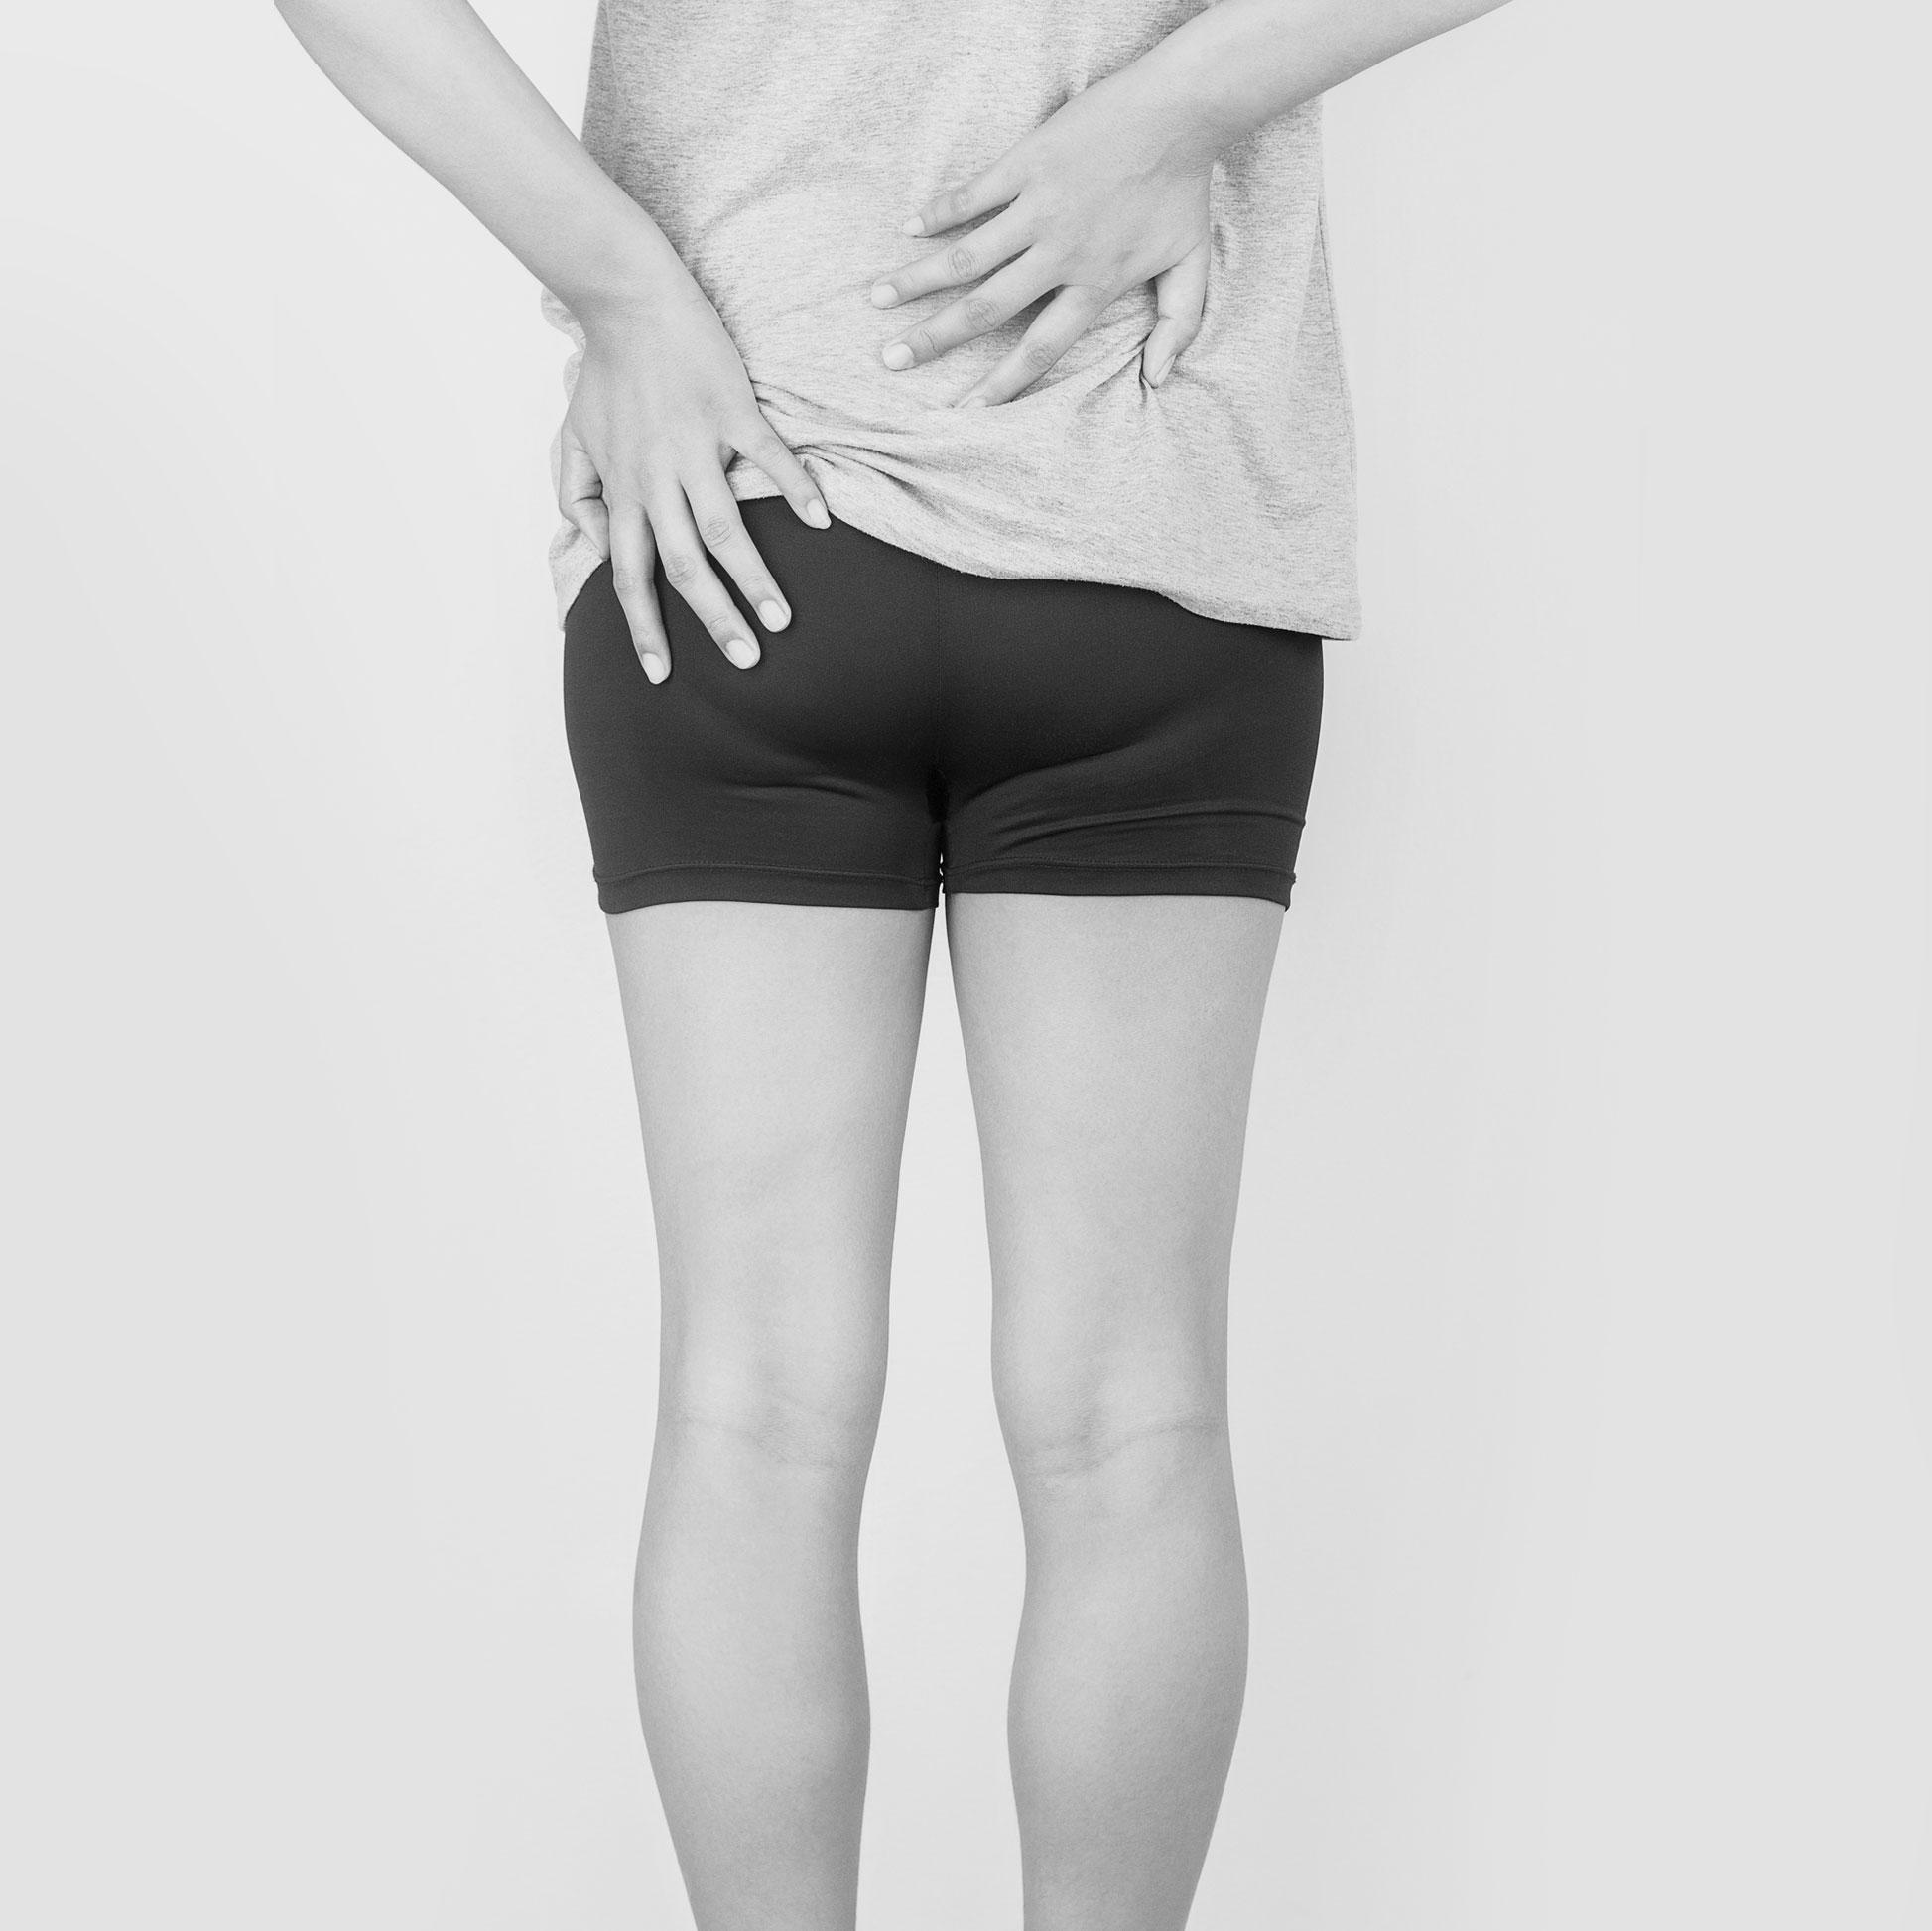 Osteo-sciatica-pain.jpg